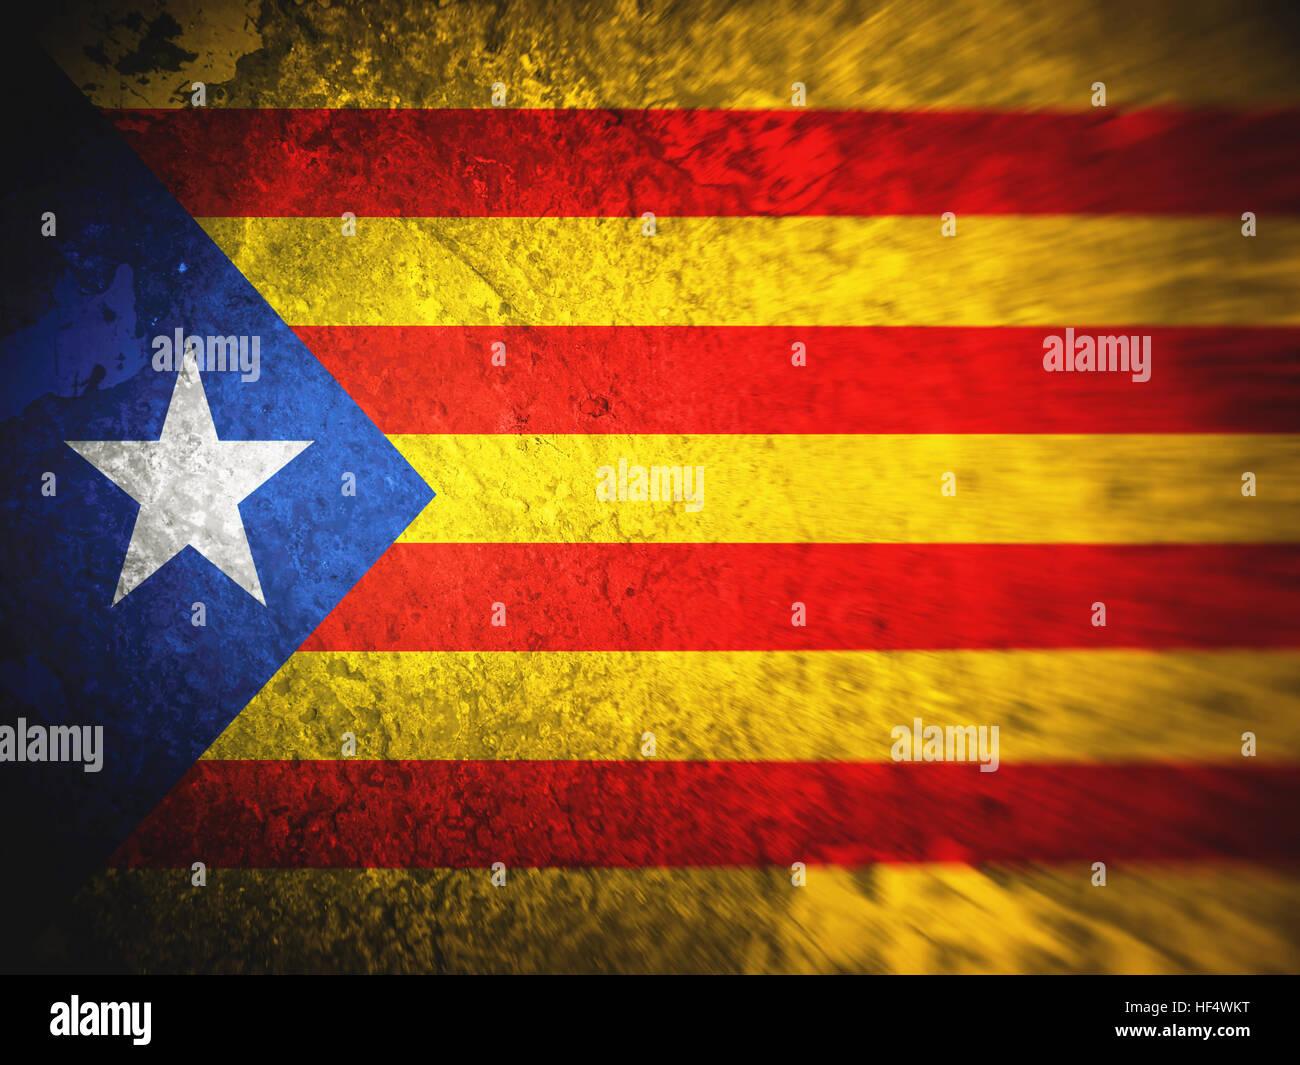 Bandiera della Catalogna, sfondi, texture, immagine sfocata, sporco Immagini Stock